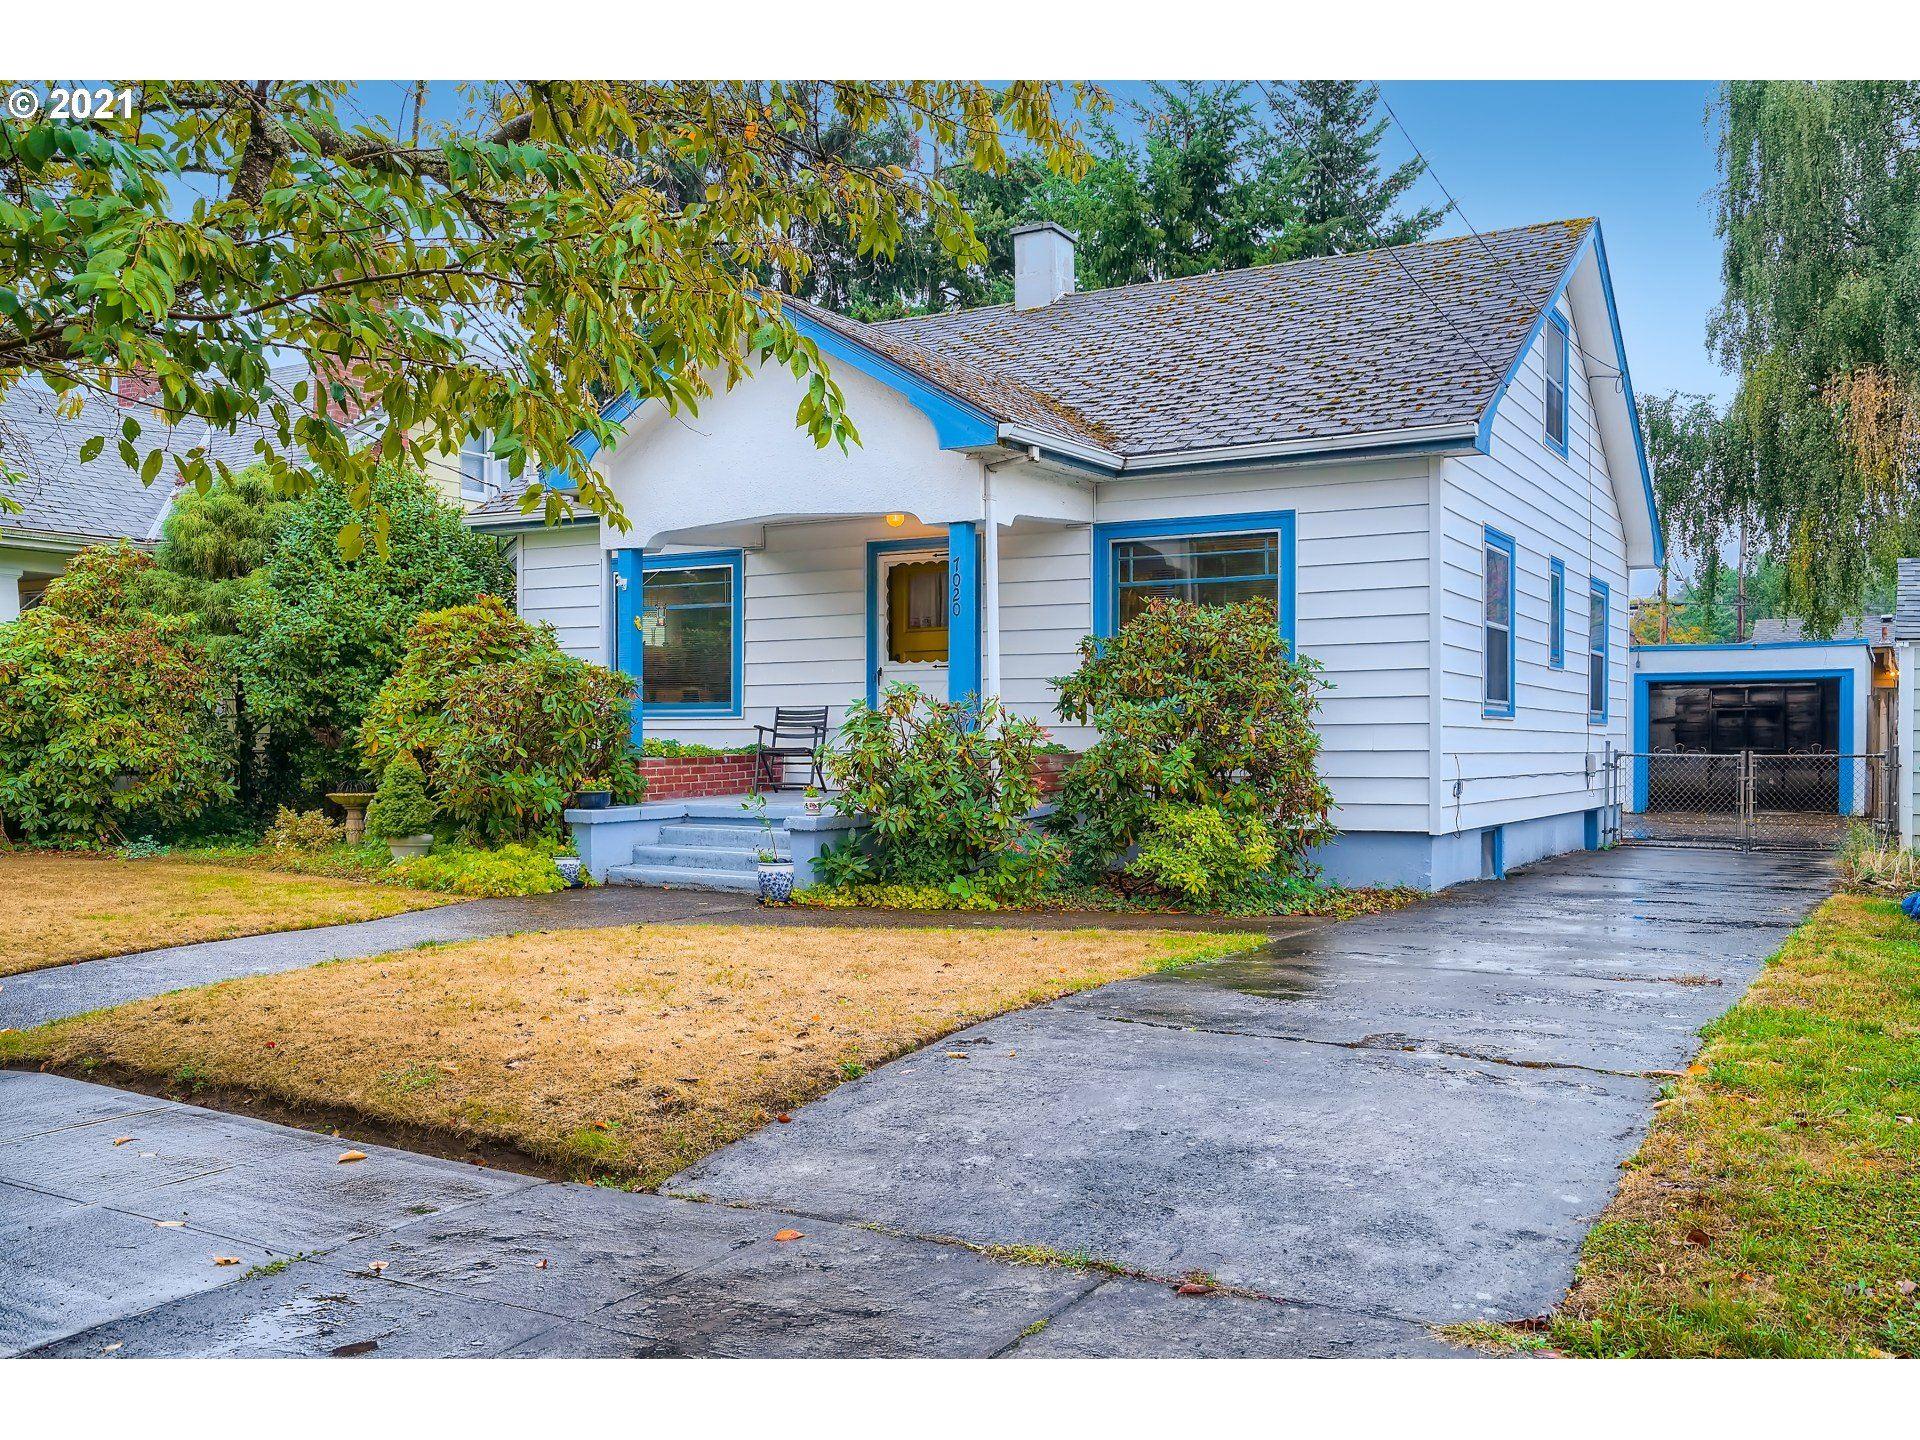 7020 NE HOYT ST, Portland, OR 97213 - #: 21522143